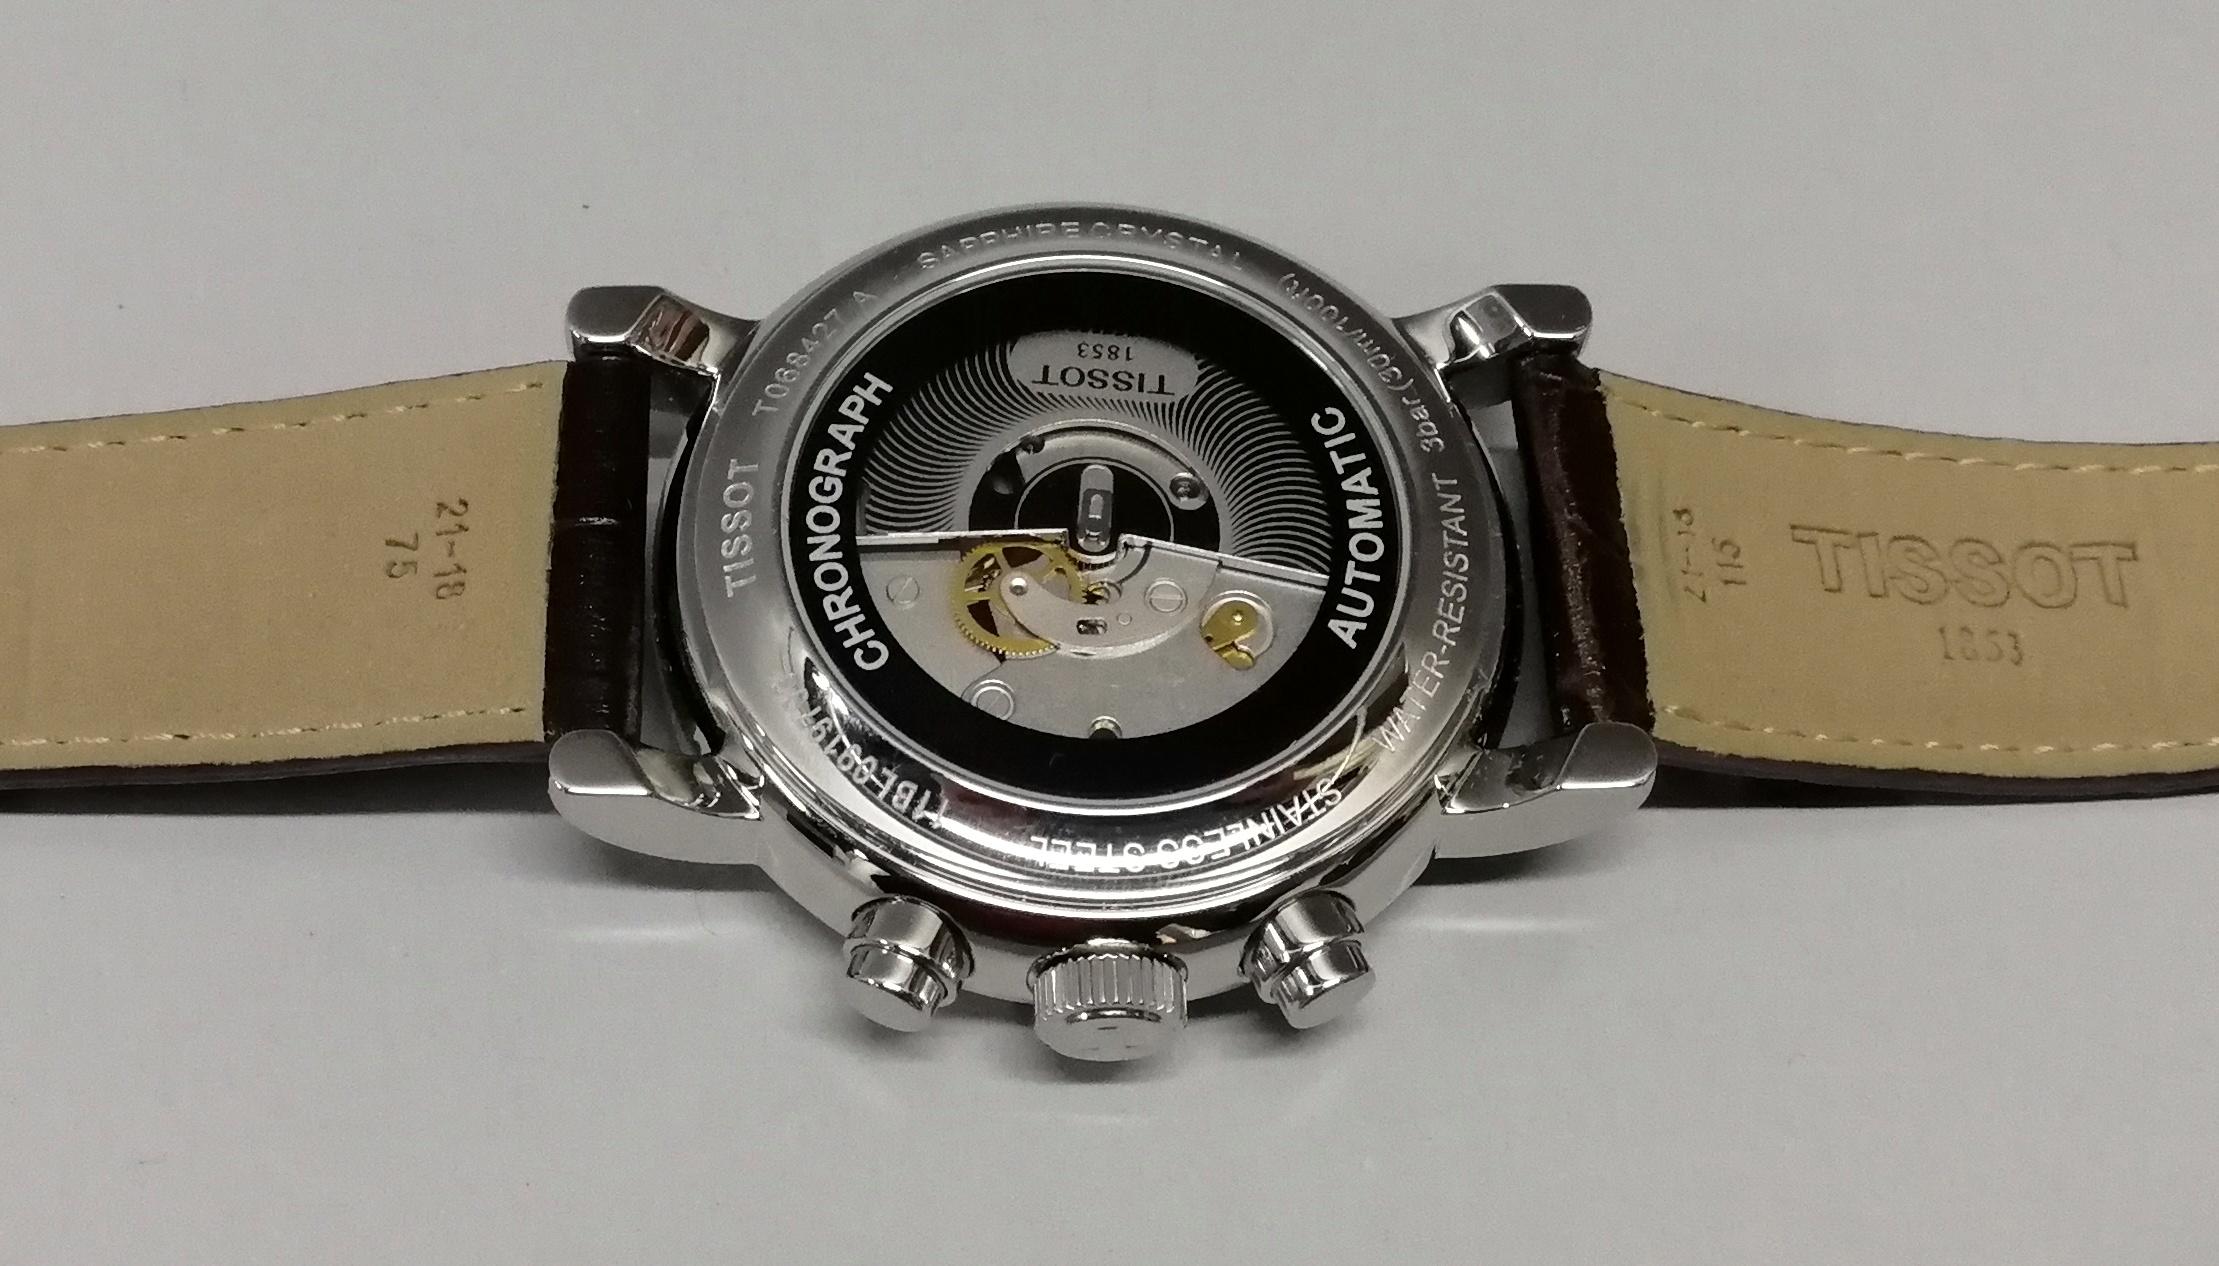 Lot 38 - TISSOT. Orologio da uomo in acciaio di produzione attuale. Anno 2014. Con scatola originale e